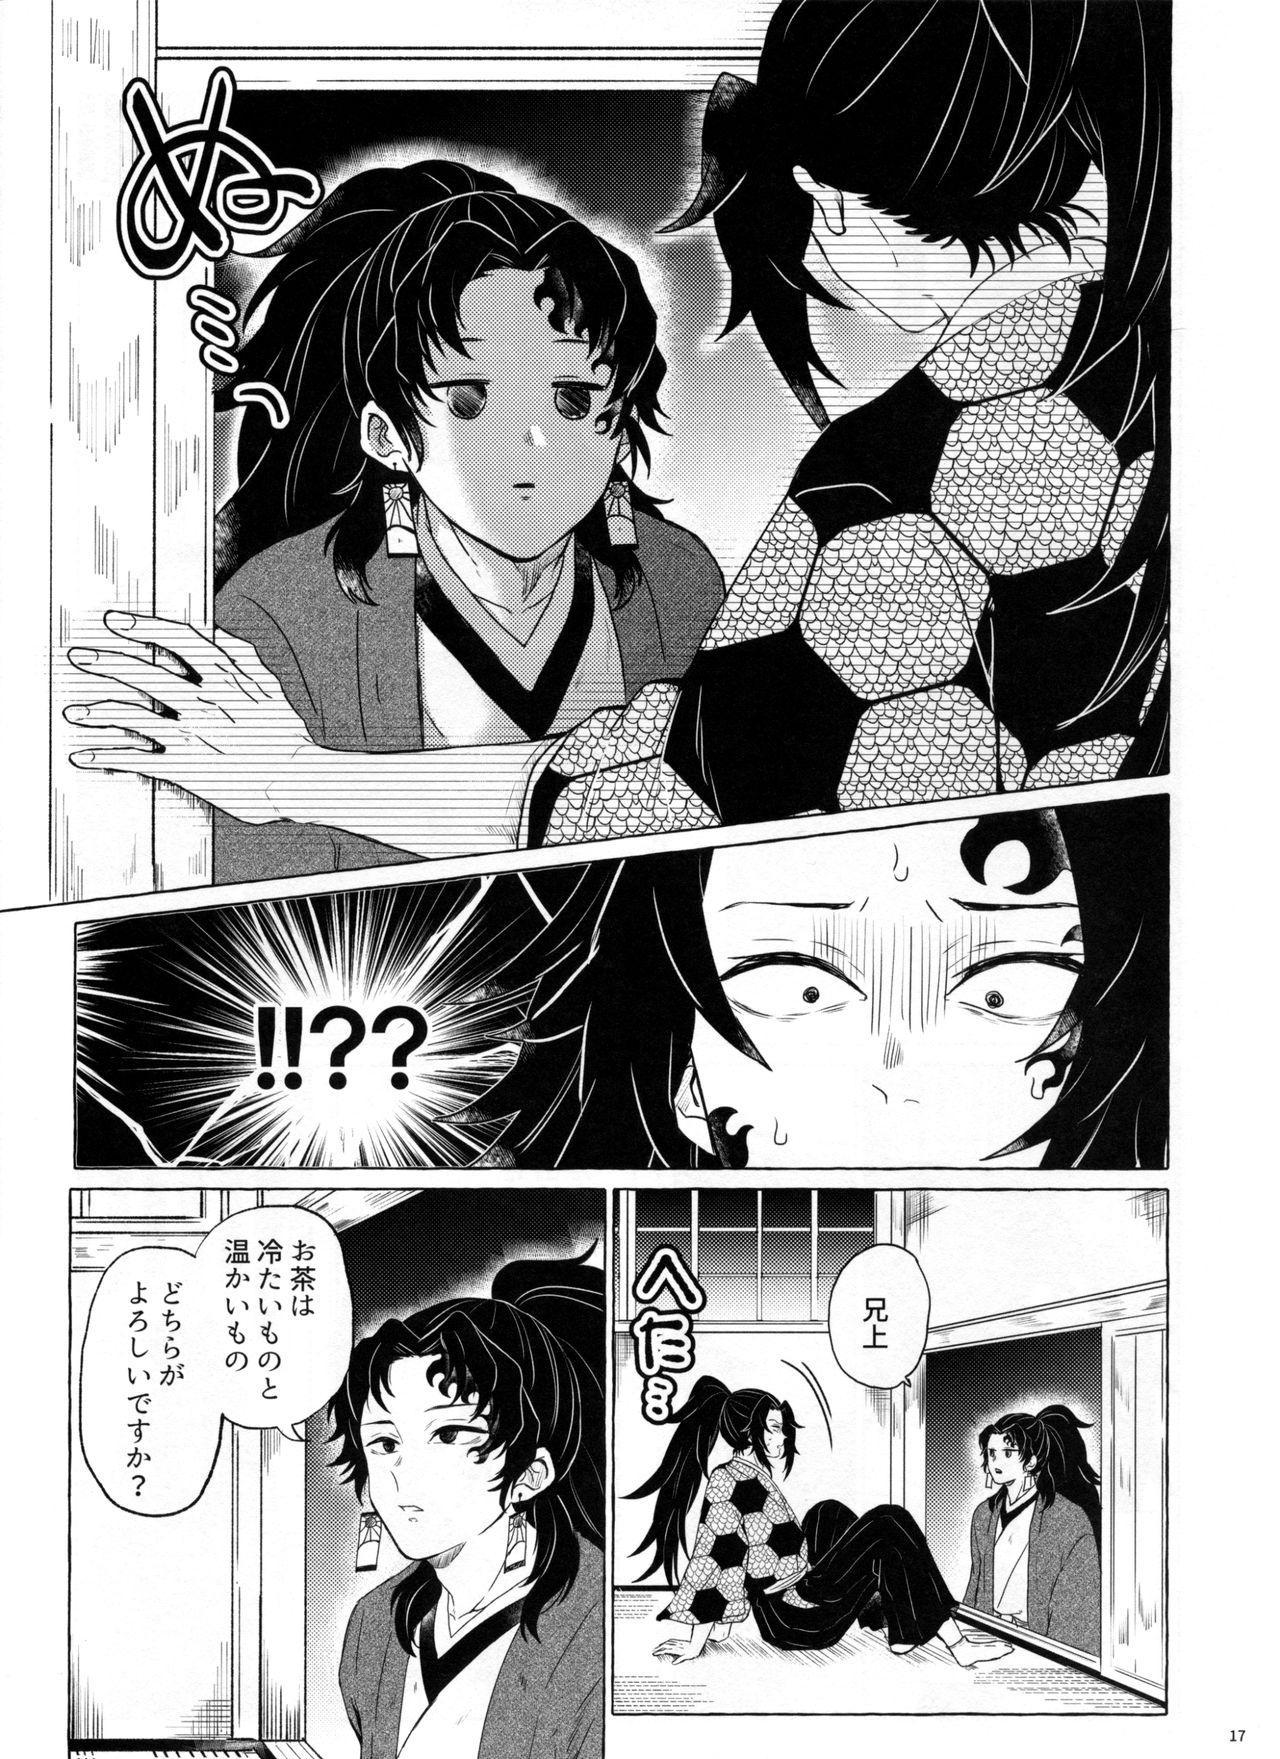 Tanoshii Jigoku no Icchoume 15